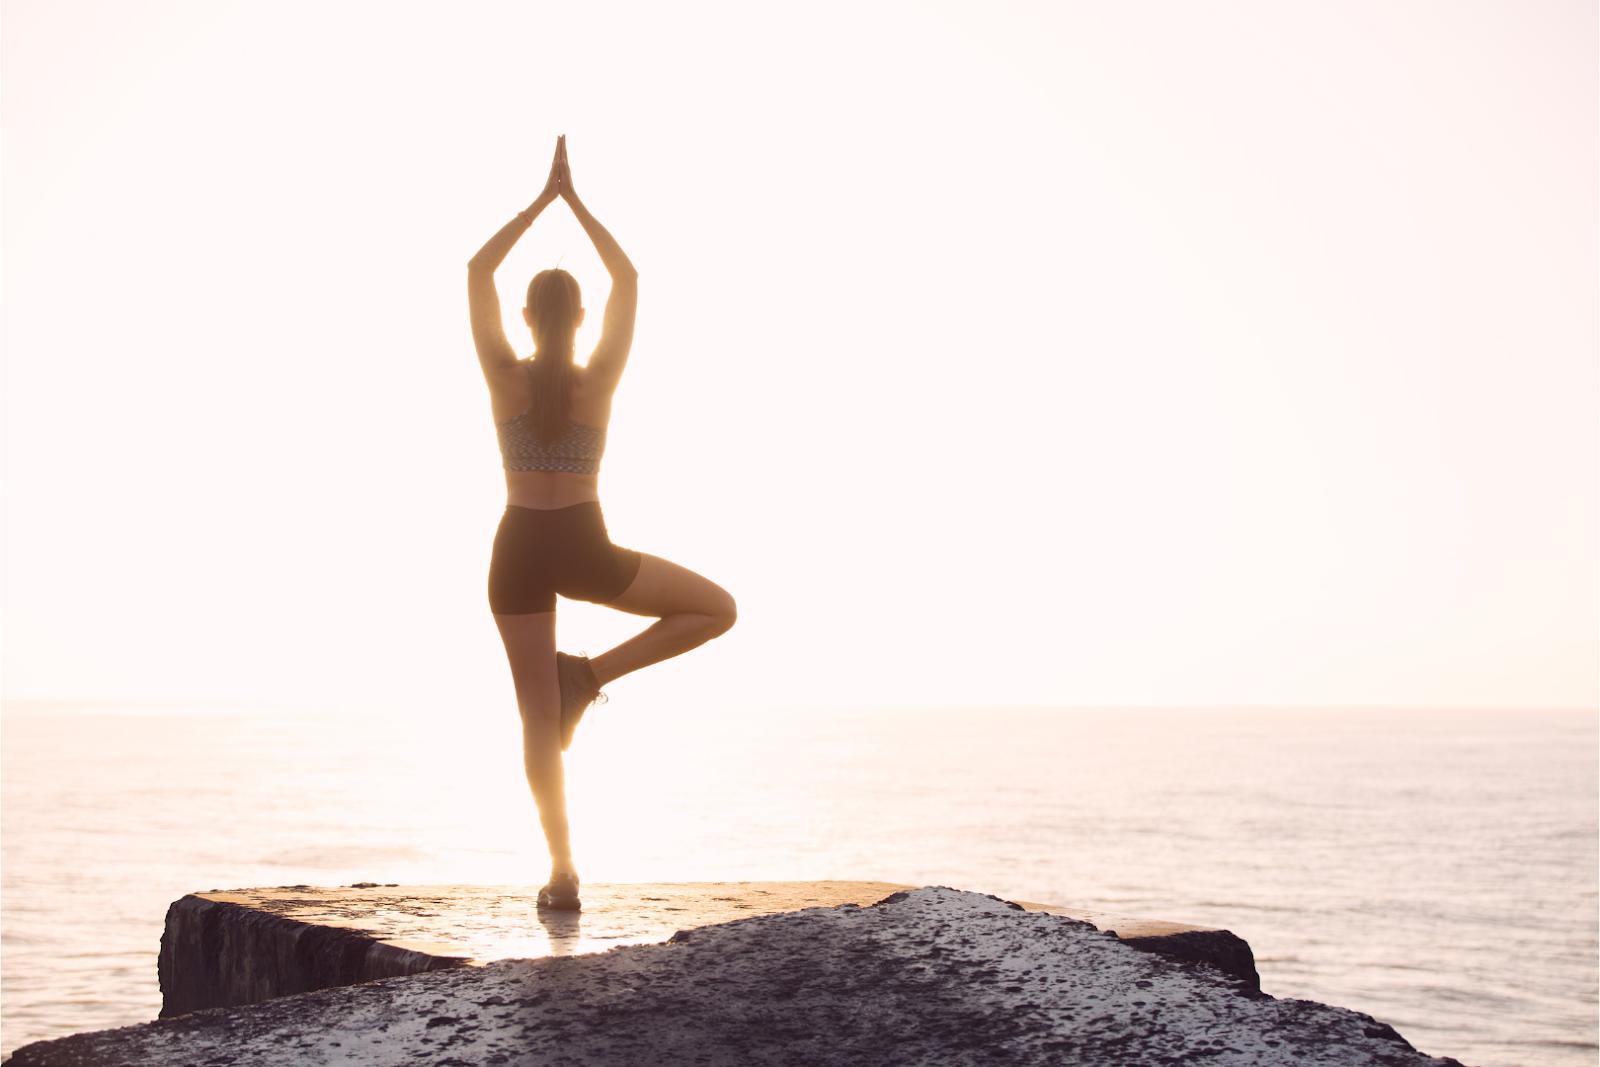 """Mulher fazendo uma postura de yoga no topo de uma montanha com o mar ao fundo, típica pose de posts sobre """"positividade"""" e """"gratidão"""" nas redes sociais"""